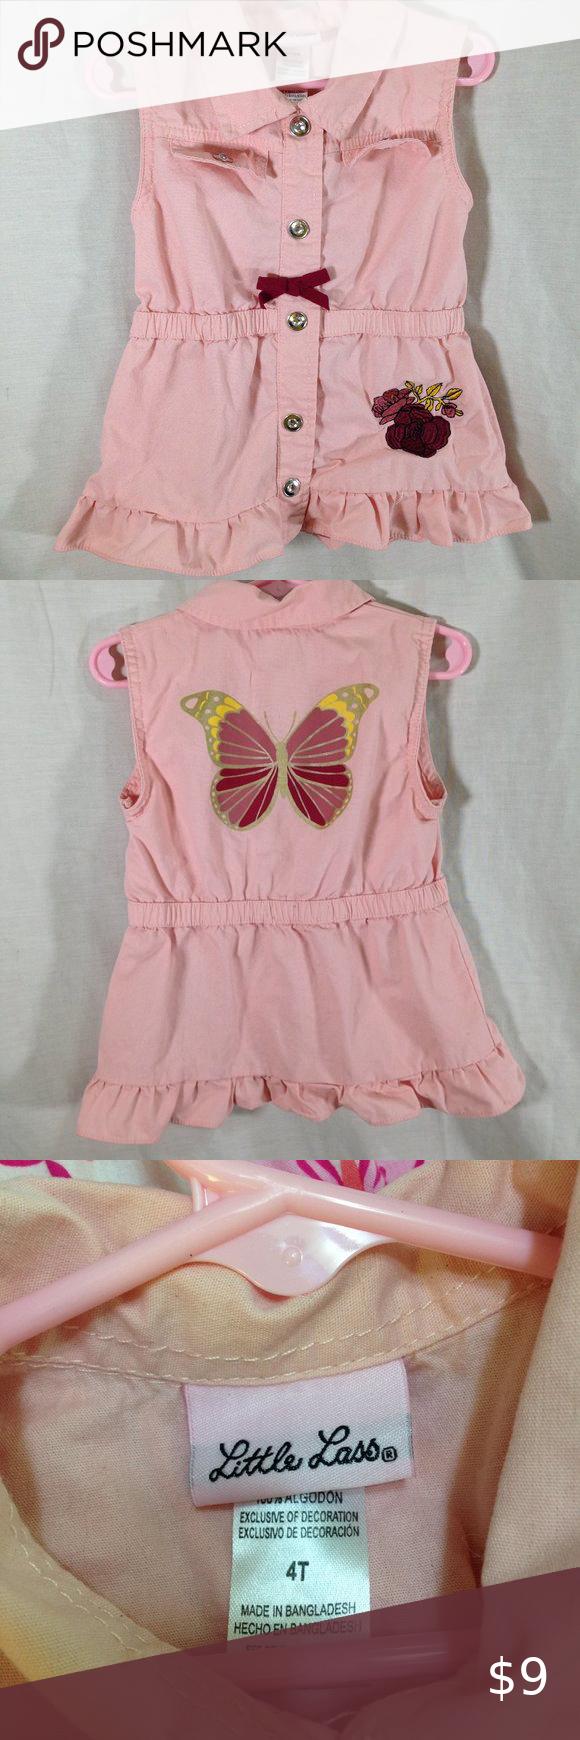 Little Lass Cotton Sleeveless Dress Pink 4t Pink Dress Little Lass Dresses [ 1740 x 580 Pixel ]